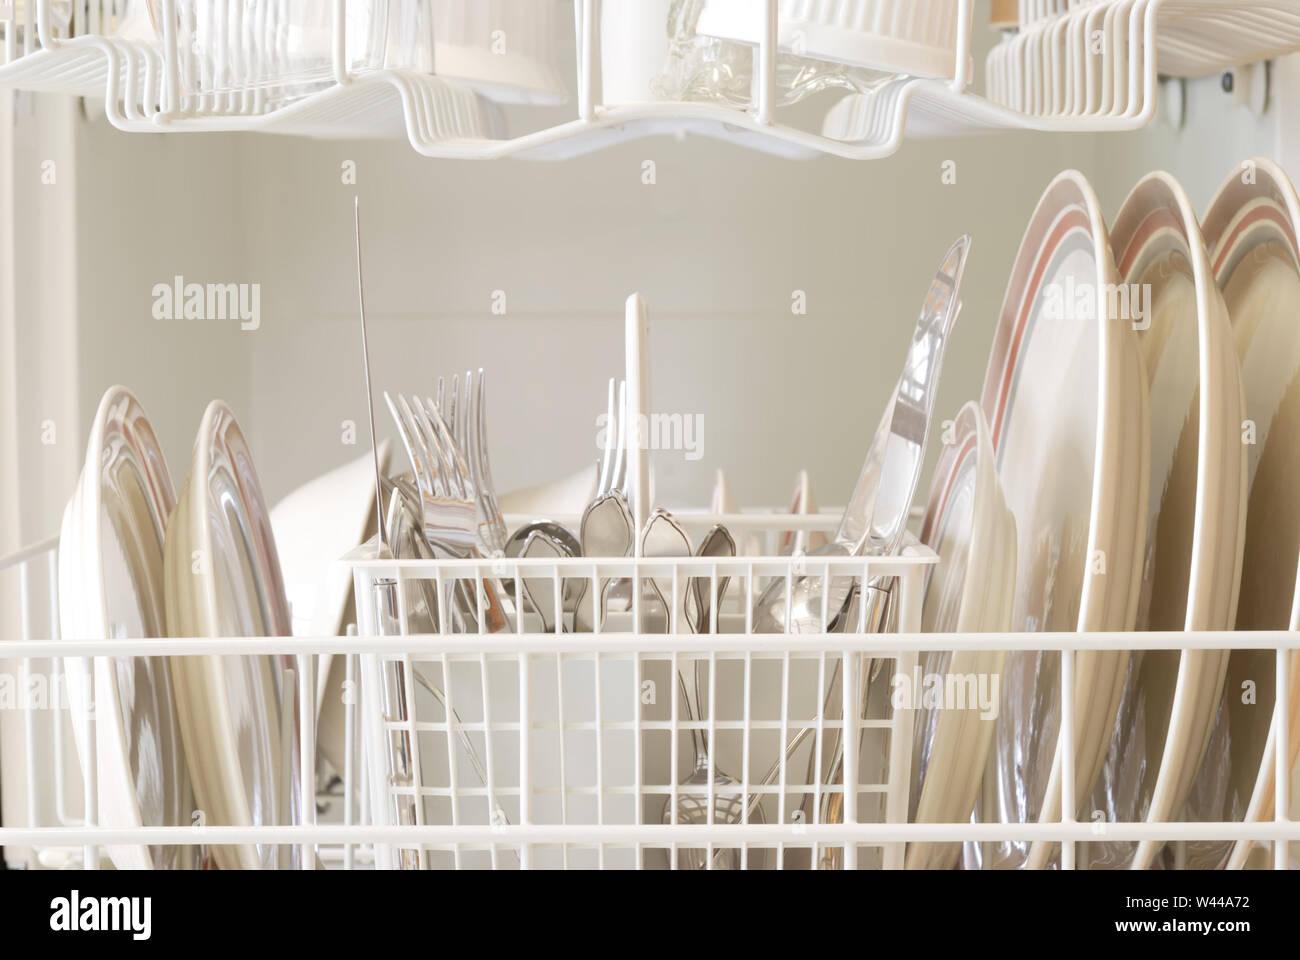 Nettoyer Interieur Lave Vaisselle l'intérieur d'un lave-vaisselle après un cycle de nettoyage